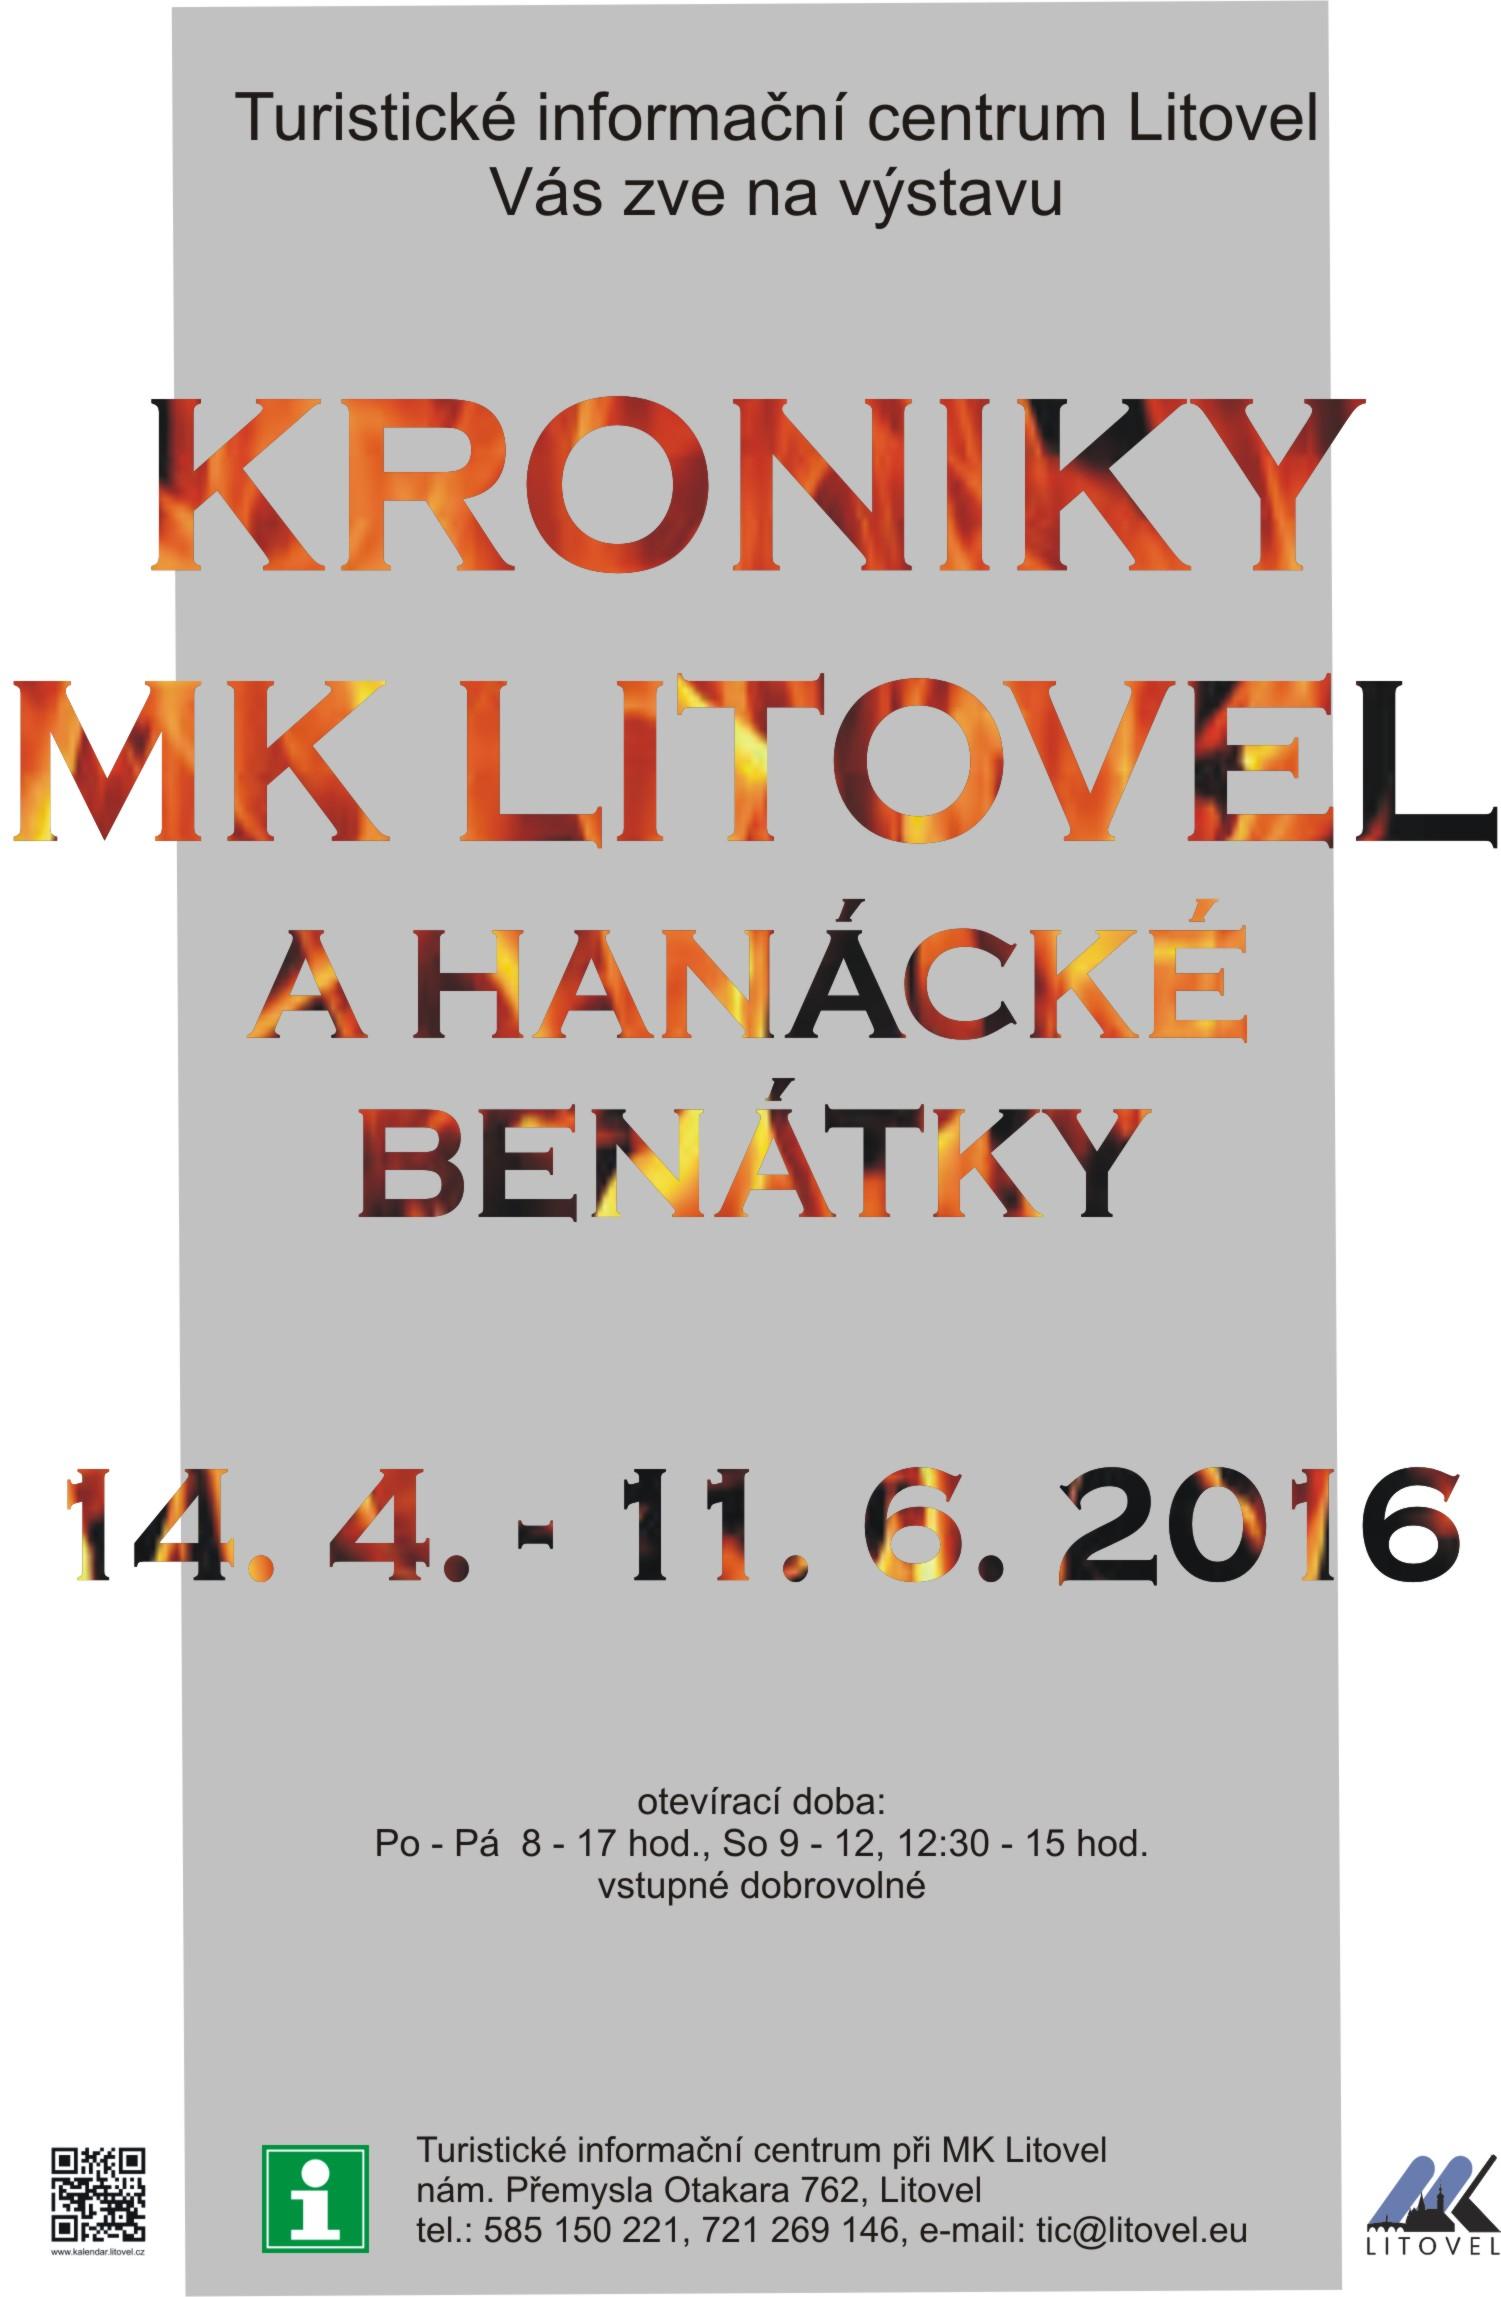 kroniky mk litovel 2016 2, obrázek se otevře v novém okně